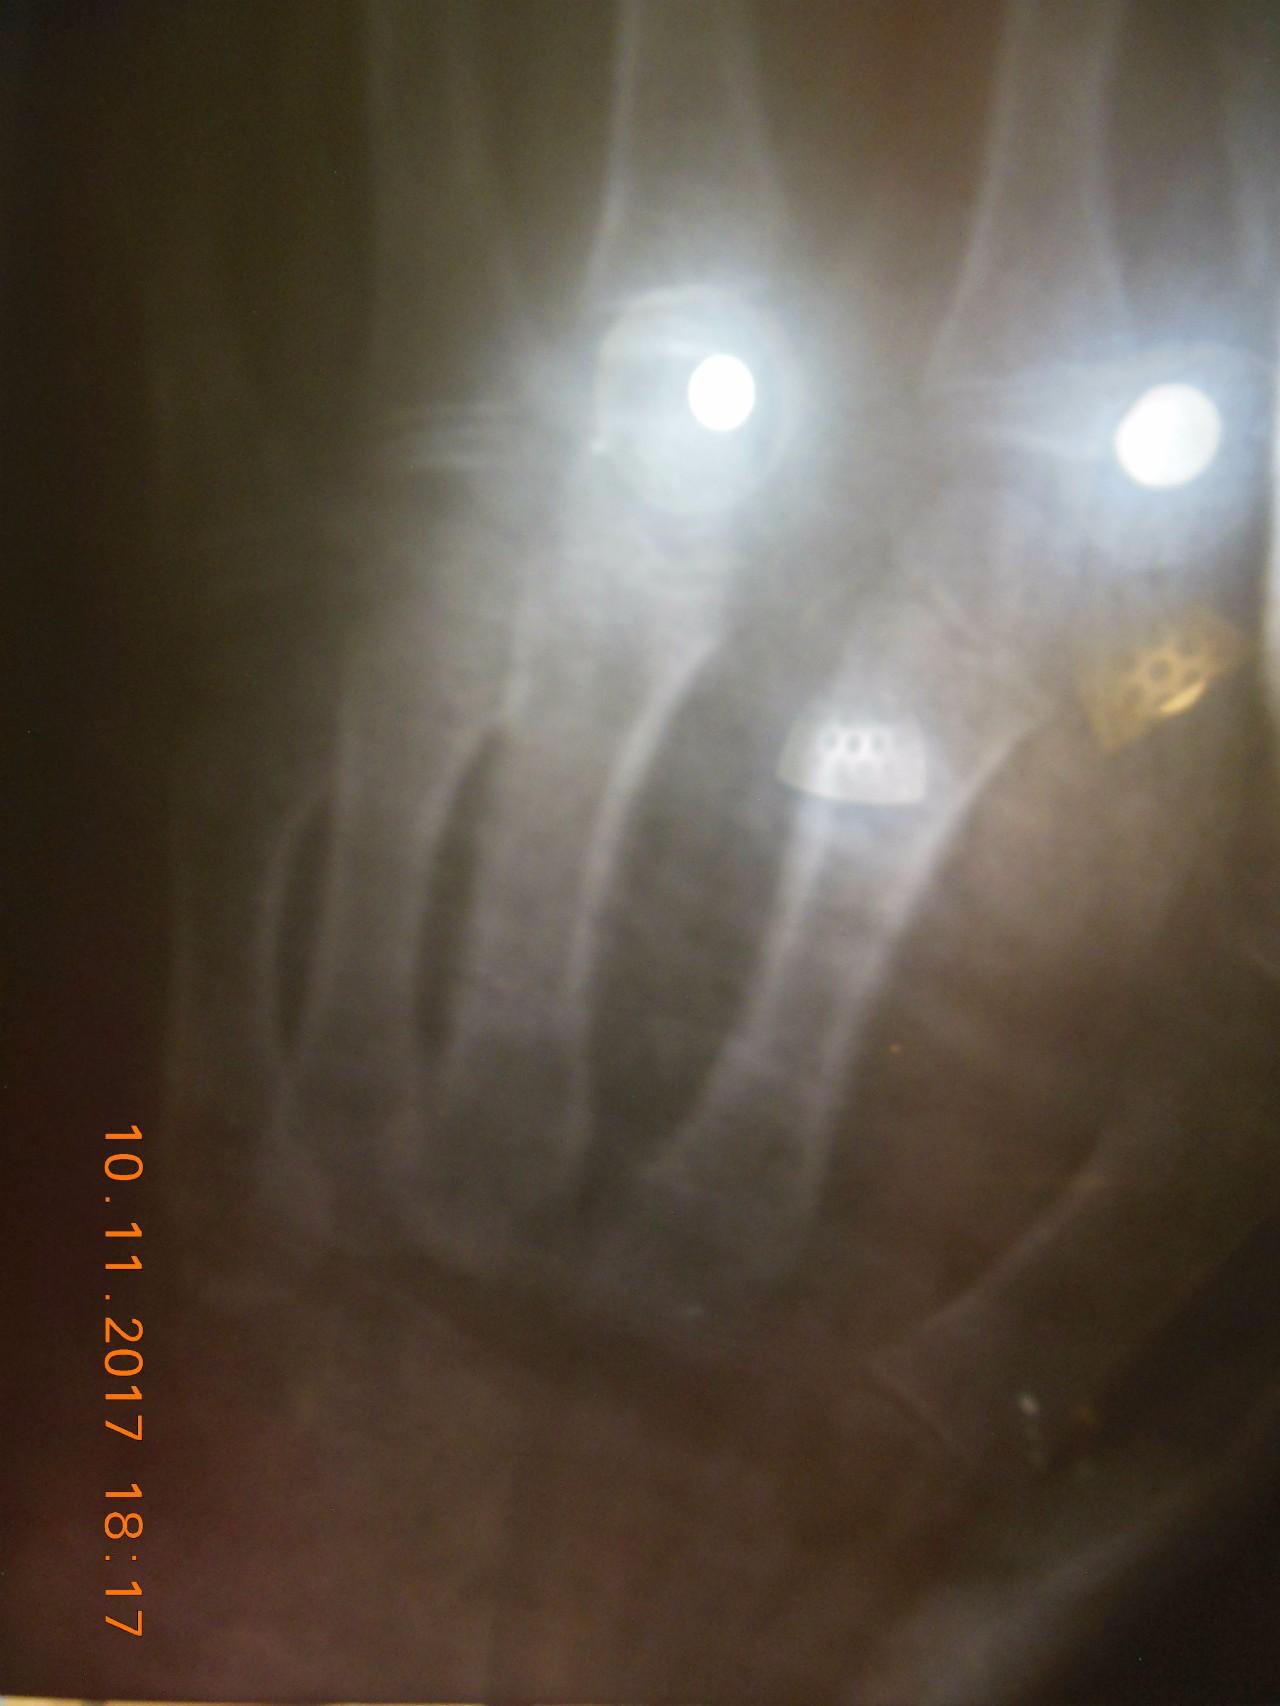 свое перелом хвоста со смещением фото керамической